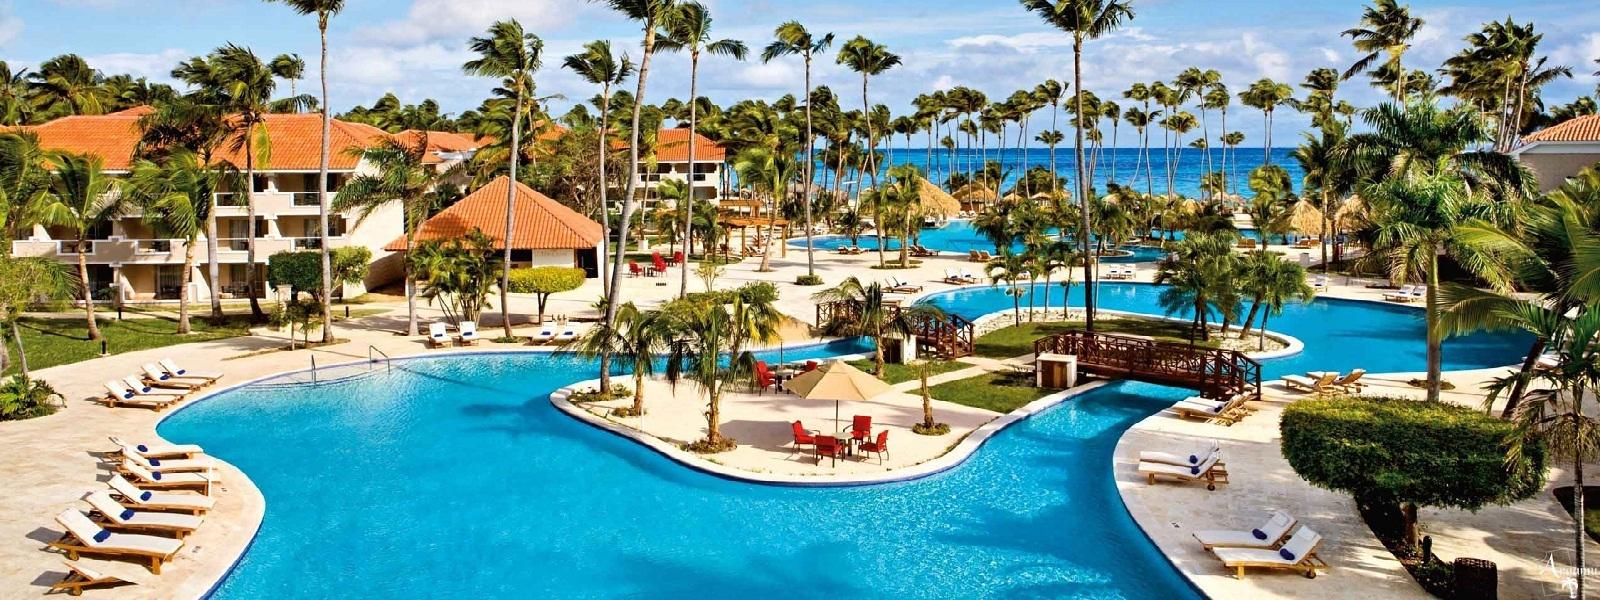 Casino golf beach all inclusive casino soboba